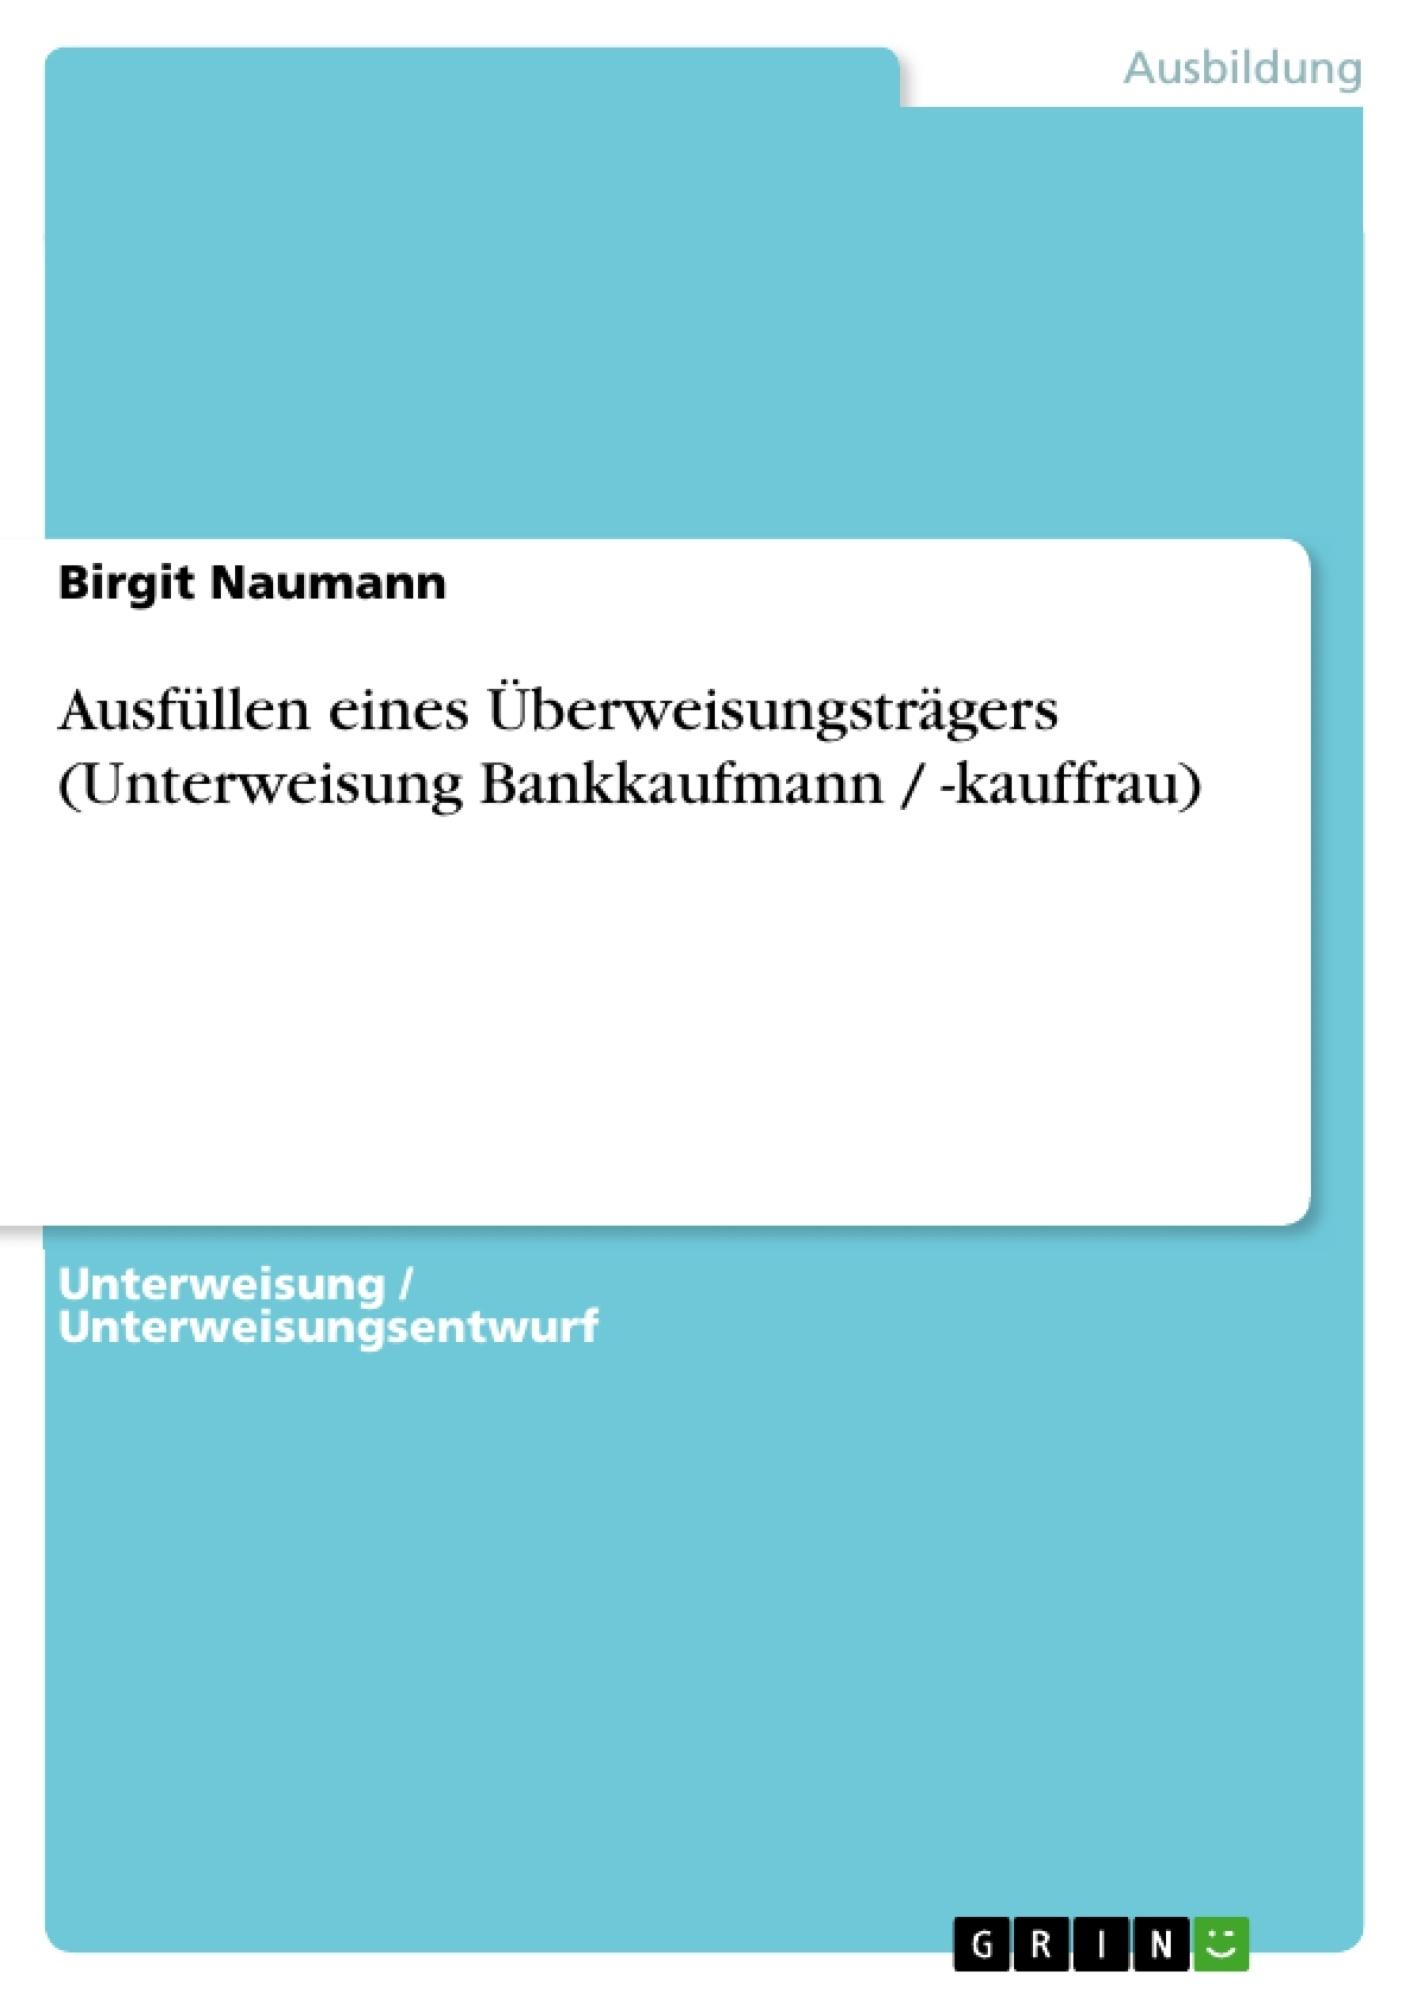 Titel: Ausfüllen eines Überweisungsträgers (Unterweisung Bankkaufmann / -kauffrau)